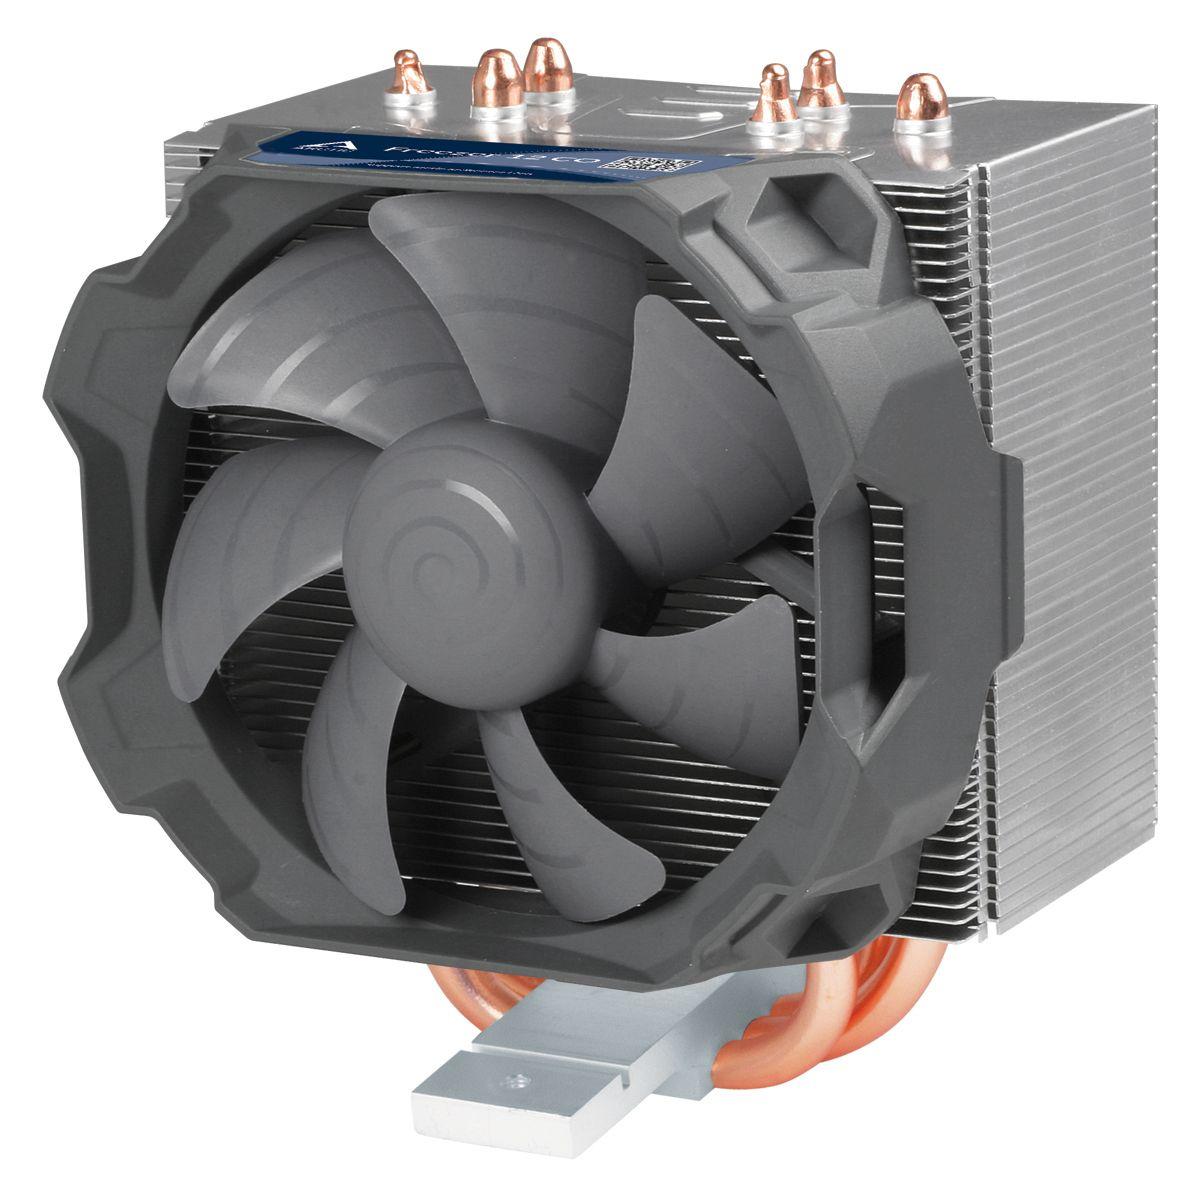 ARCTIC Freezer 12 CO Processor Koelset 9,2 cm Aluminium, Grijs